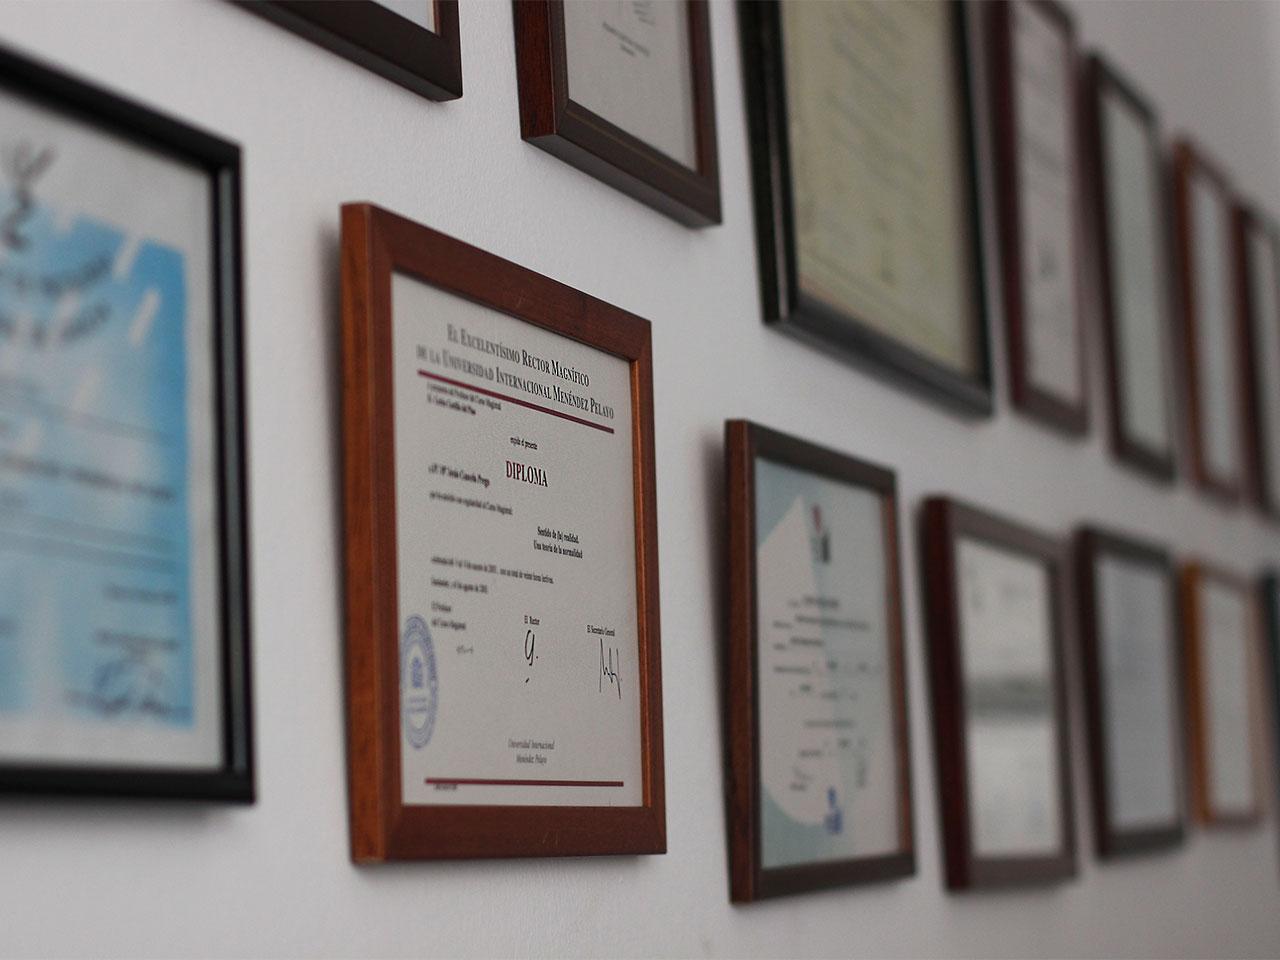 Pared con diplomas